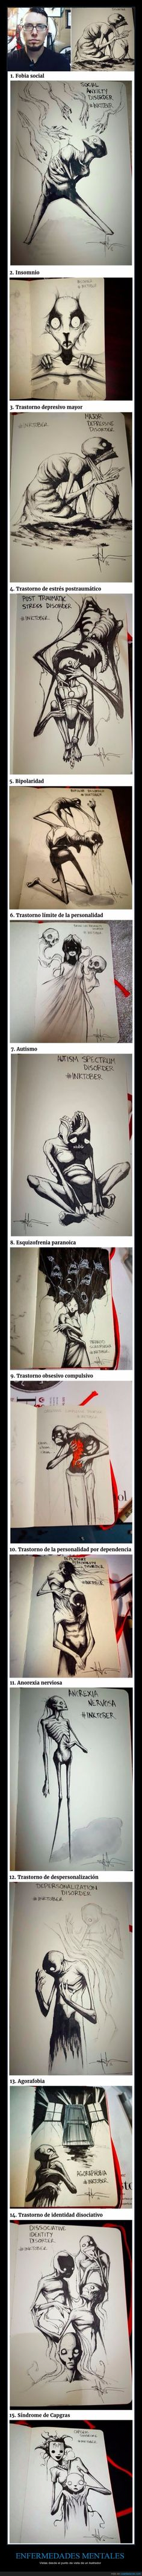 Este artista dibuja cada día del mes una enfermedad mental distinta y sus ilustraciones son geniales - Vistas desde el punto de vista de un ilustrador   Gracias a http://www.cuantarazon.com/   Si quieres leer la noticia completa visita: http://www.estoy-aburrido.com/este-artista-dibuja-cada-dia-del-mes-una-enfermedad-mental-distinta-y-sus-ilustraciones-son-geniales-vistas-desde-el-punto-de-vista-de-un-ilustrador/